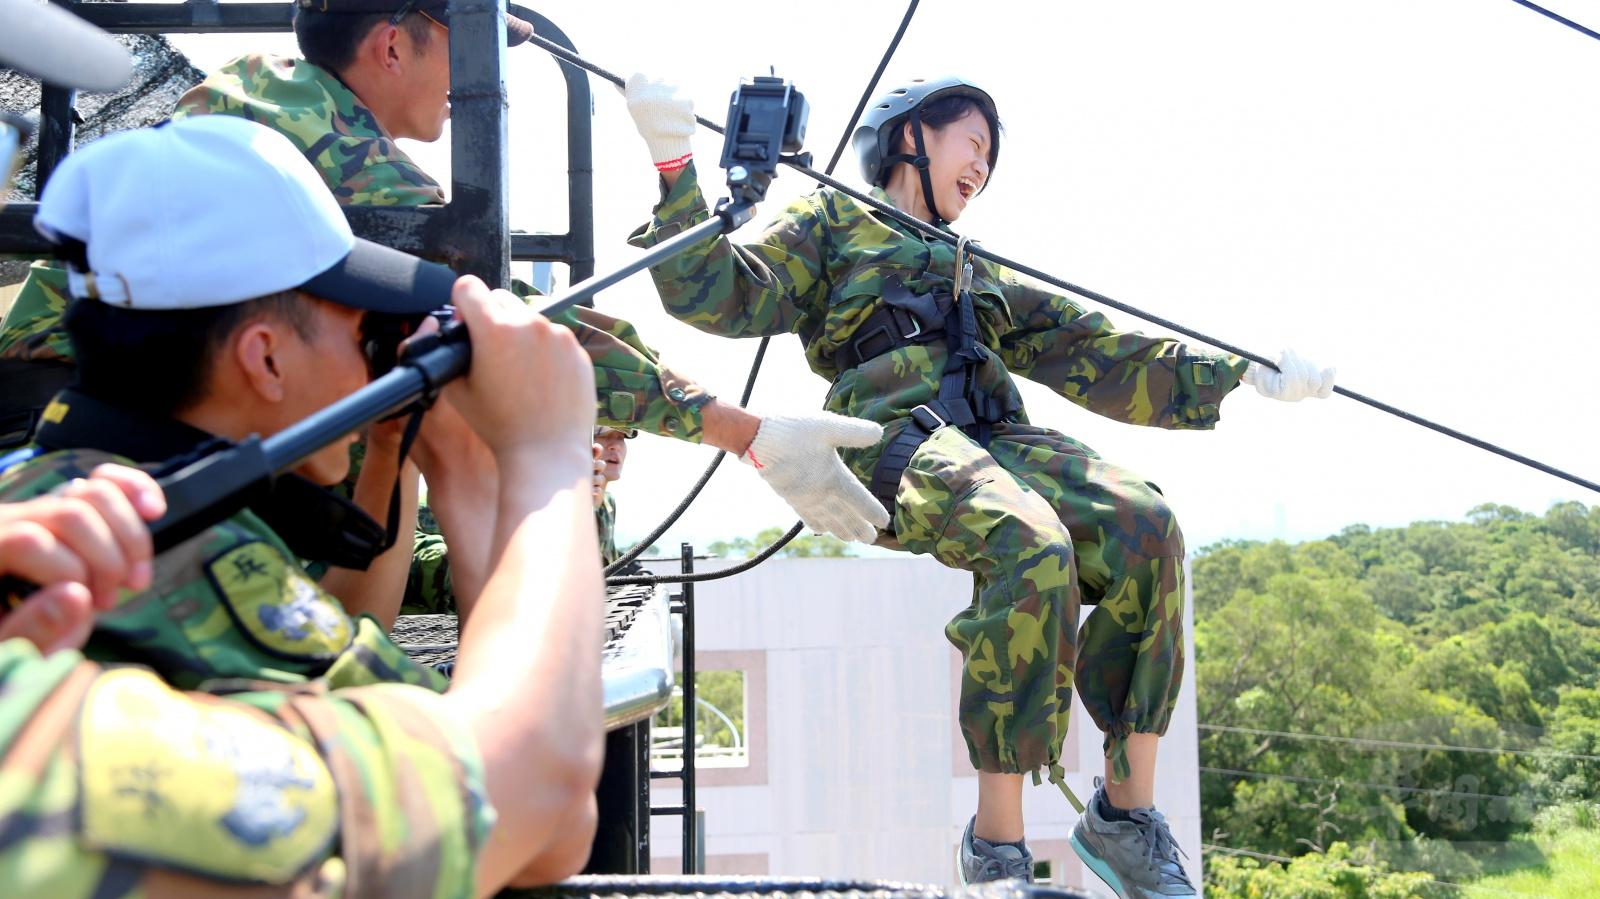 全民國防教育暑期戰鬥營「鐵衛戰鬥營」學子熱情參與挑戰自我